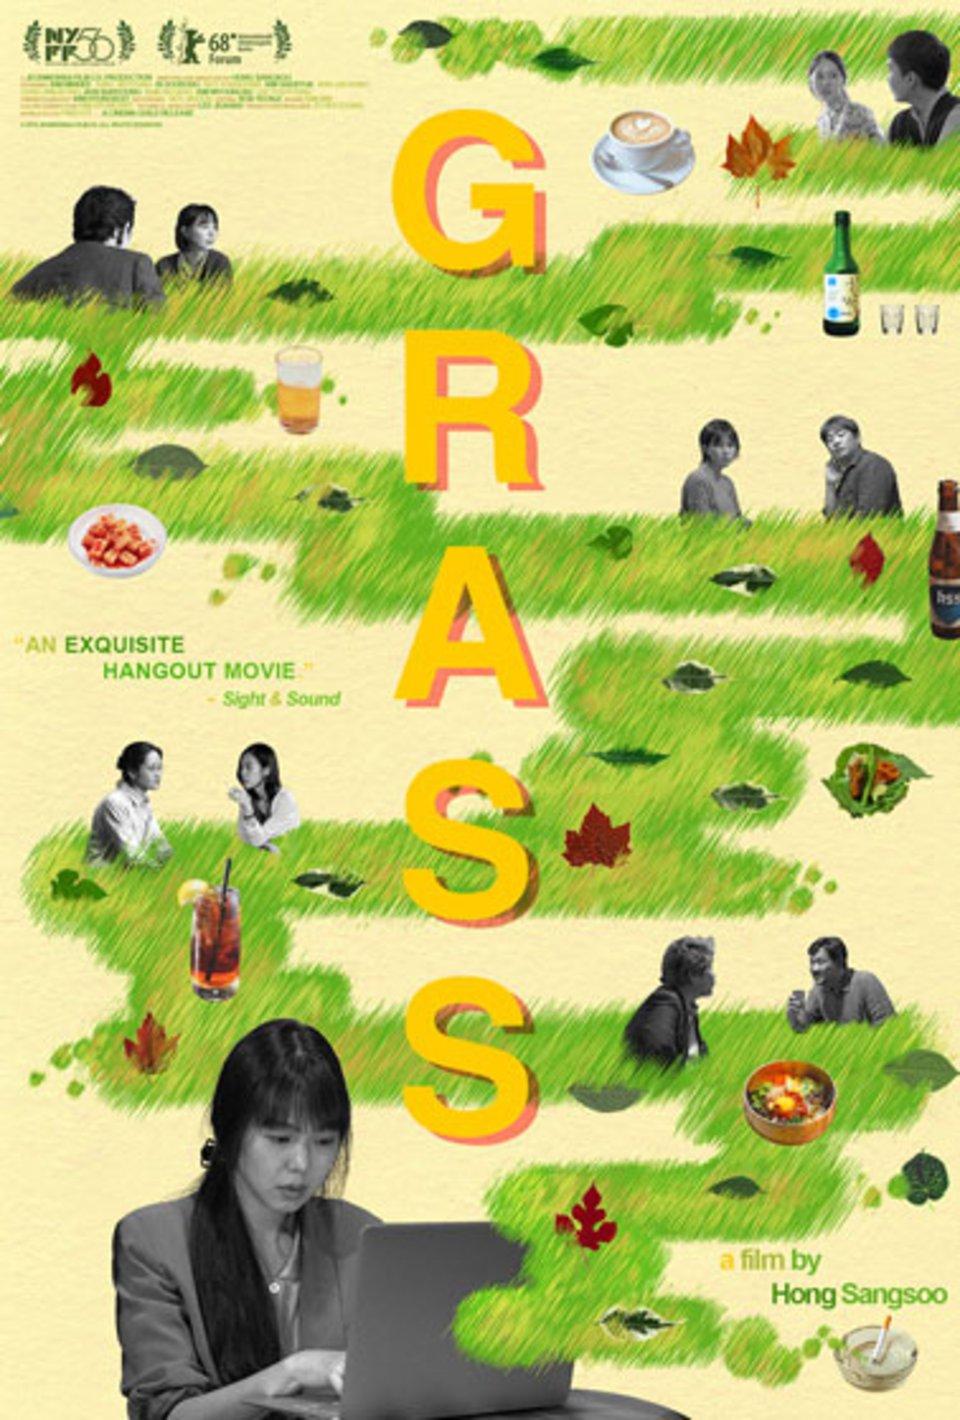 Grass 2018 U.S. One Sheet Poster